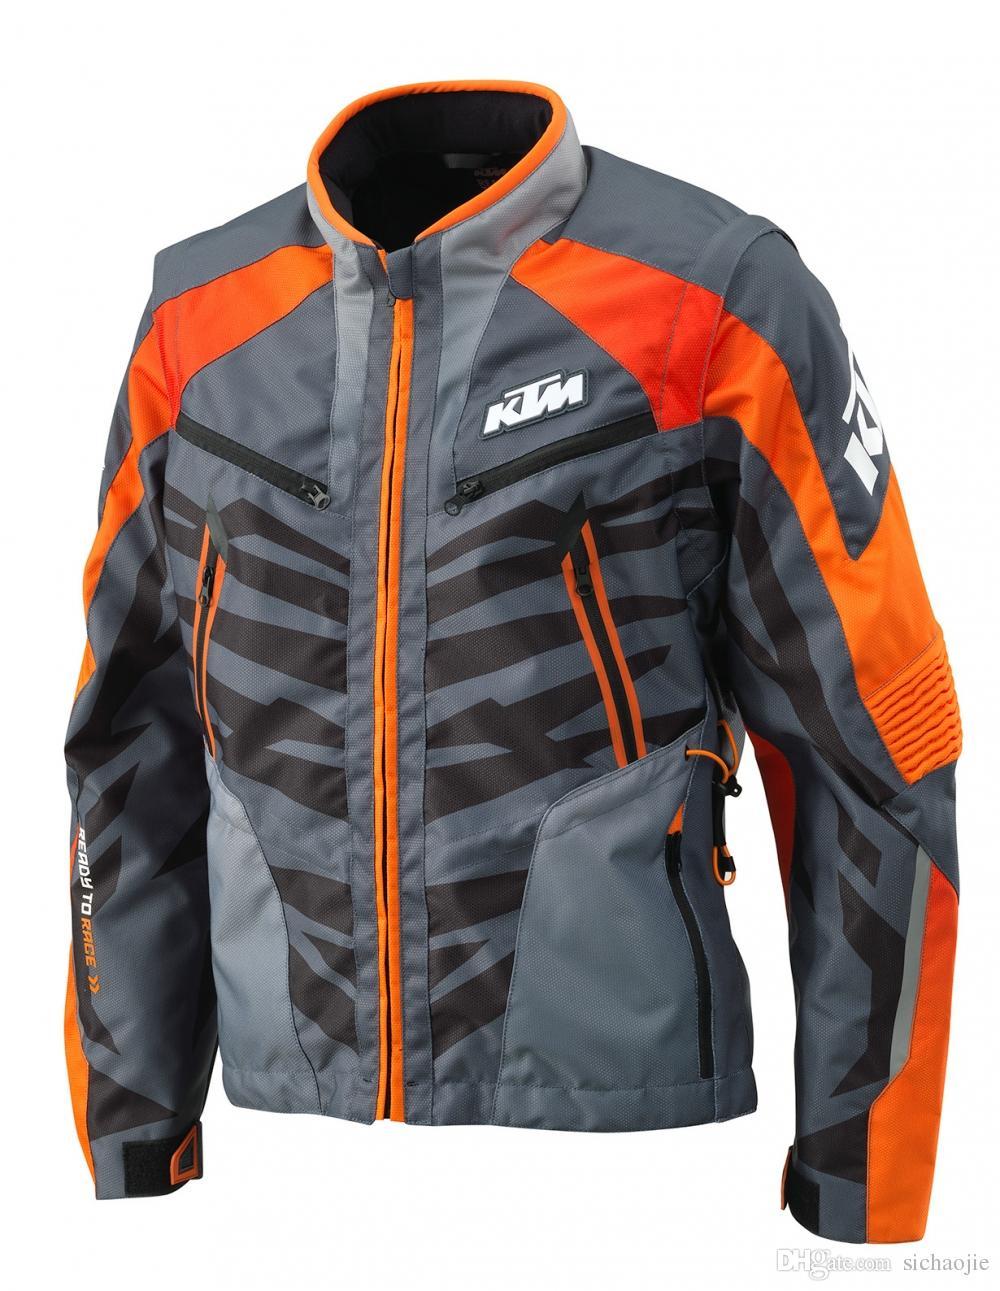 tout neuf 8731a 8883c Acheter Nouveau Veste Ktm Oxford Moto Hors Route Veste Manteau Vêtements De  Course Veste Coupe Vent Hommes Coupe Vent Ont Protection Imperméable De ...